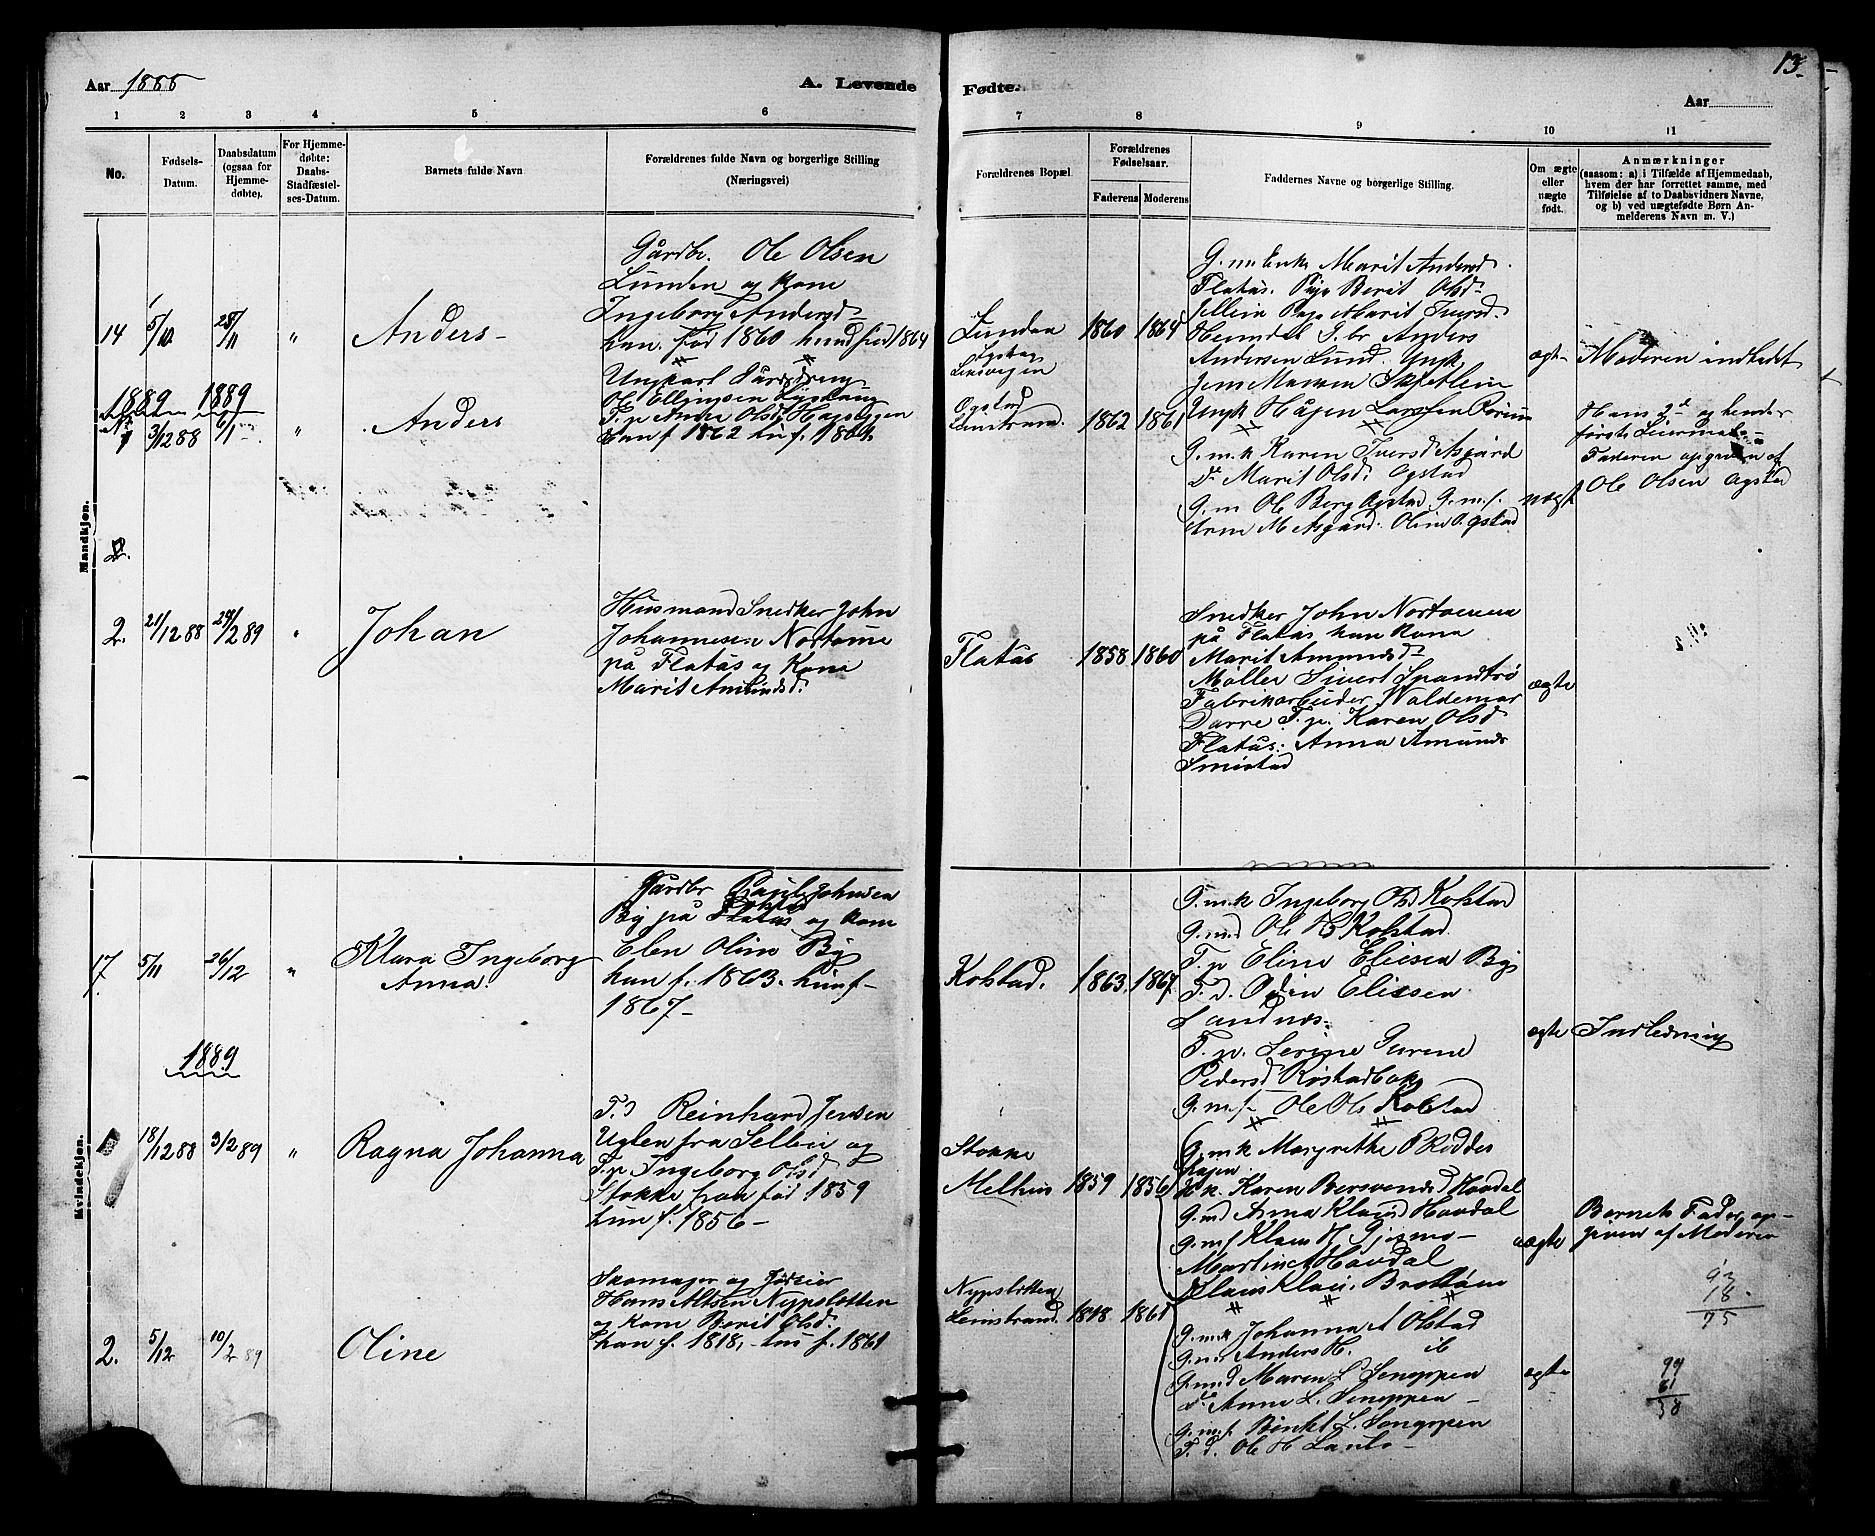 SAT, Ministerialprotokoller, klokkerbøker og fødselsregistre - Sør-Trøndelag, 613/L0395: Klokkerbok nr. 613C03, 1887-1909, s. 13